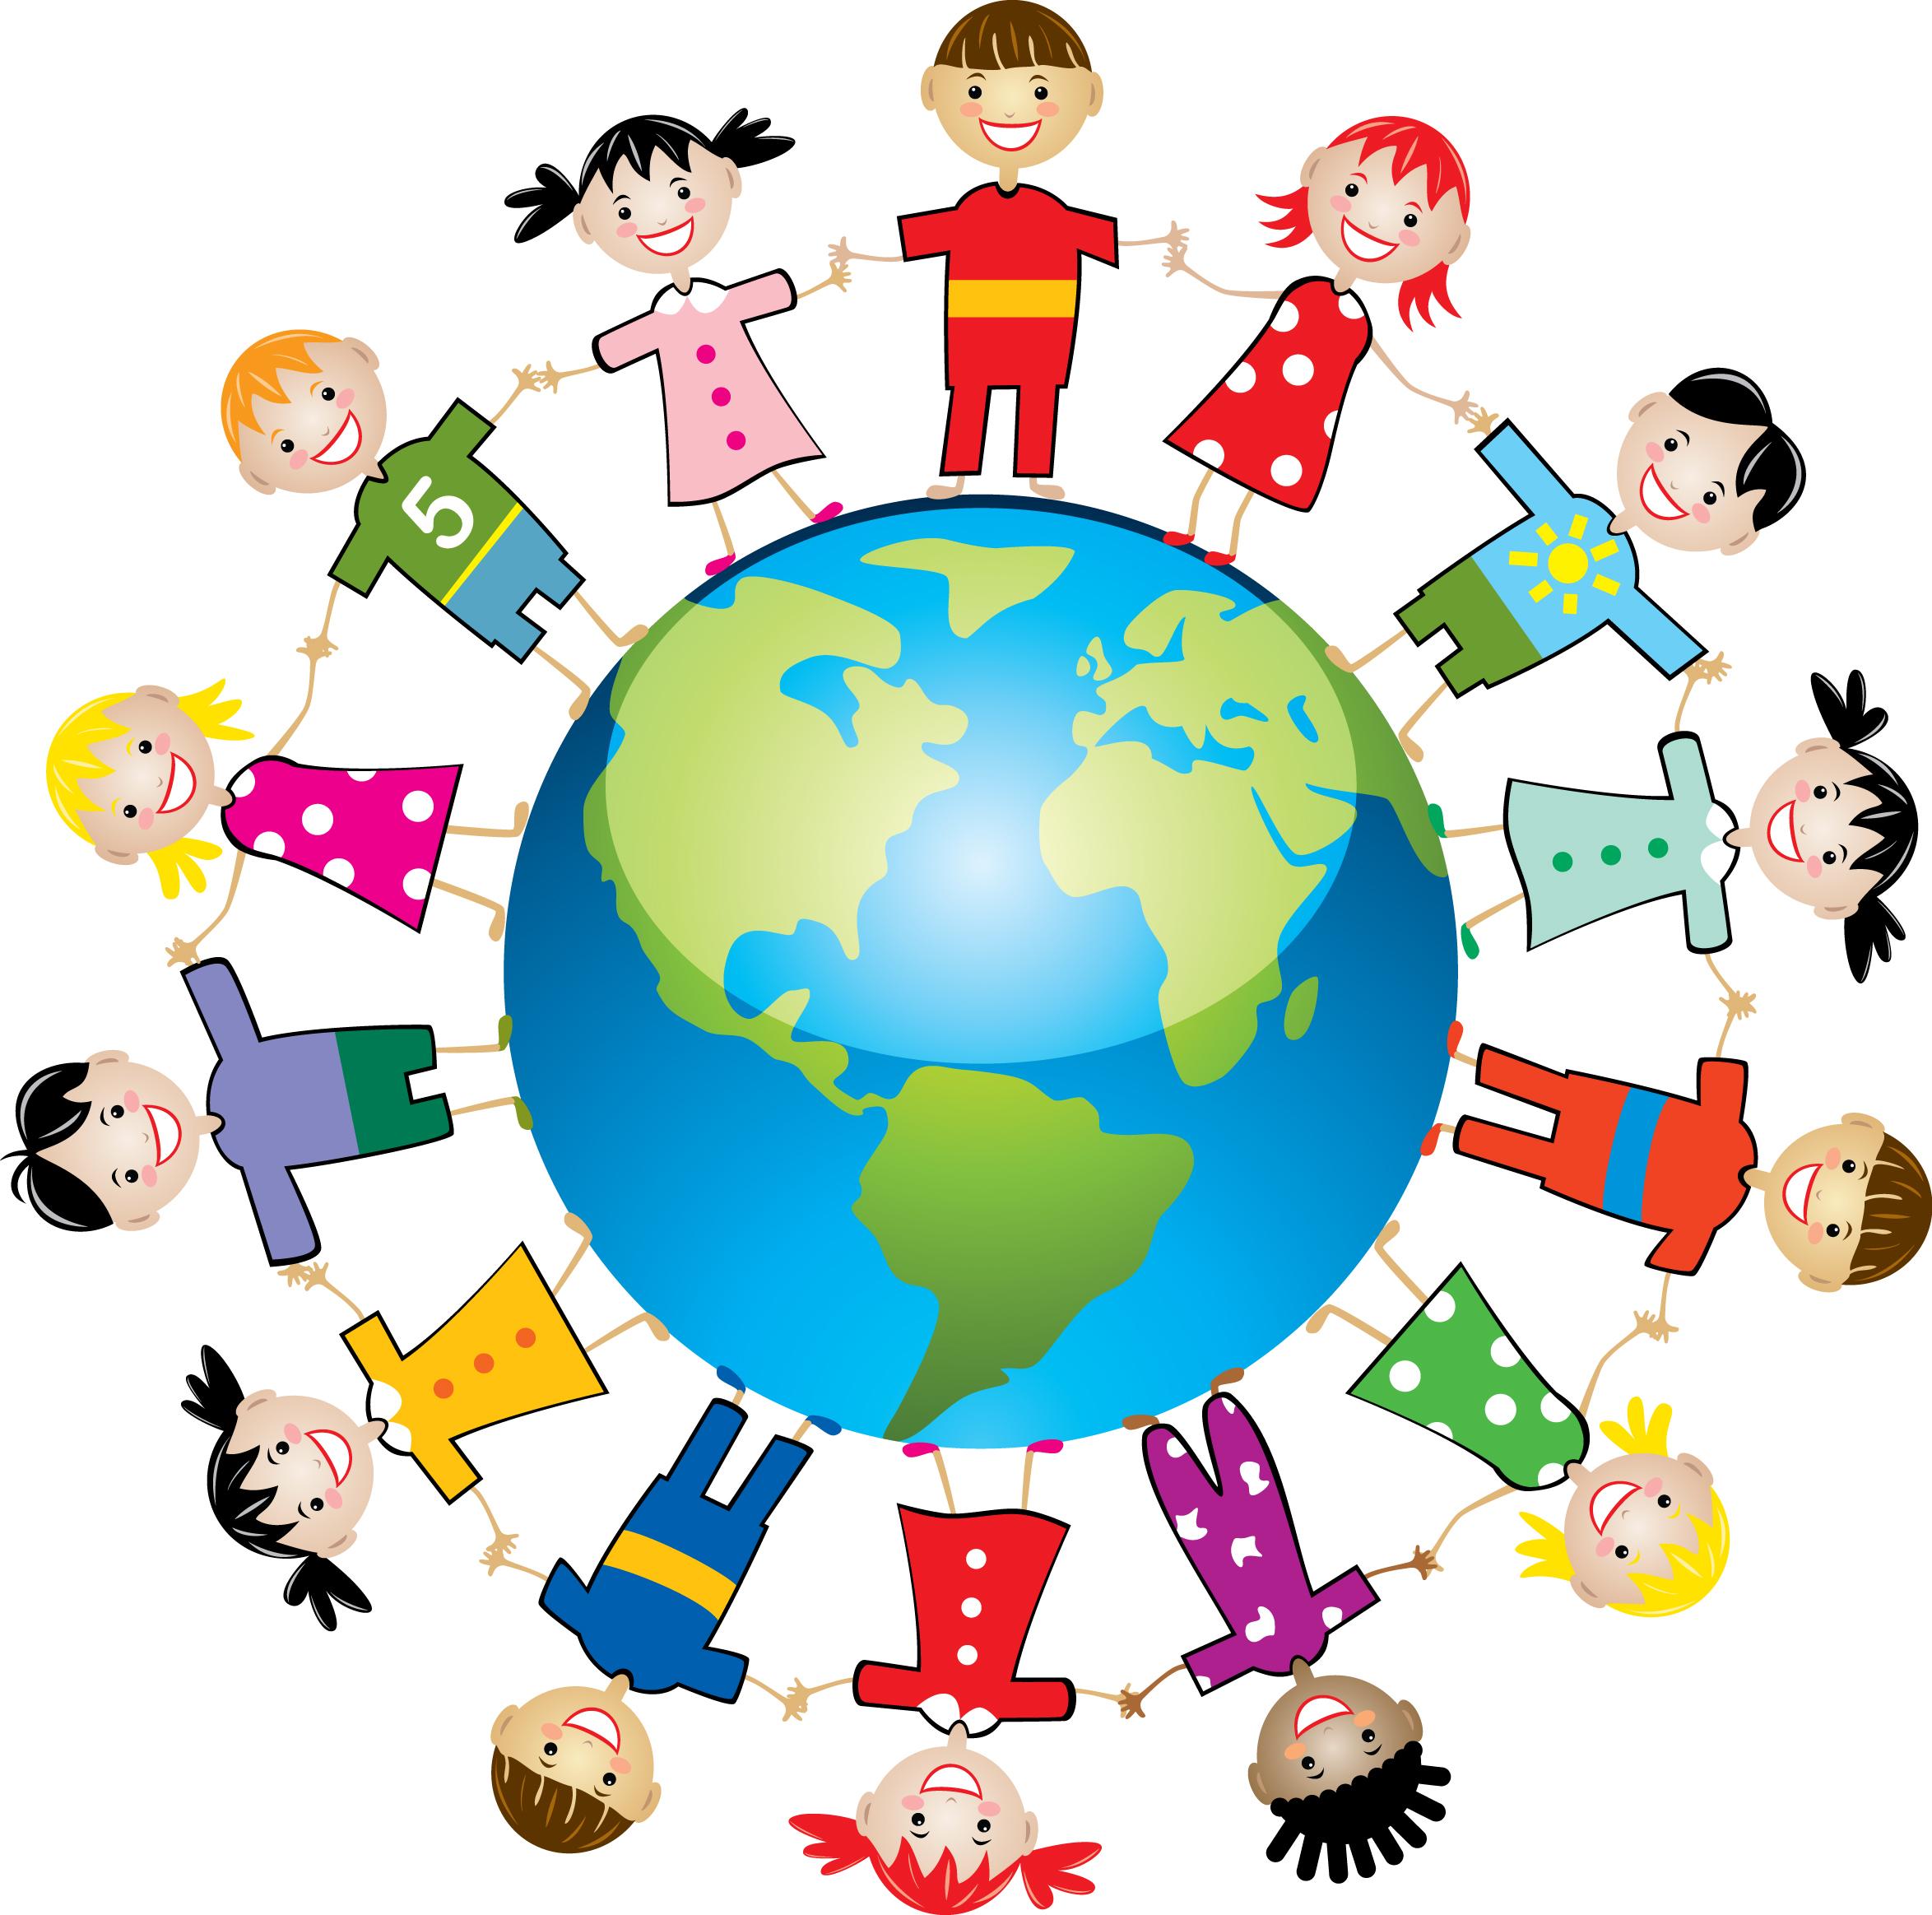 نتیجه تصویری برای بنر روز کودک